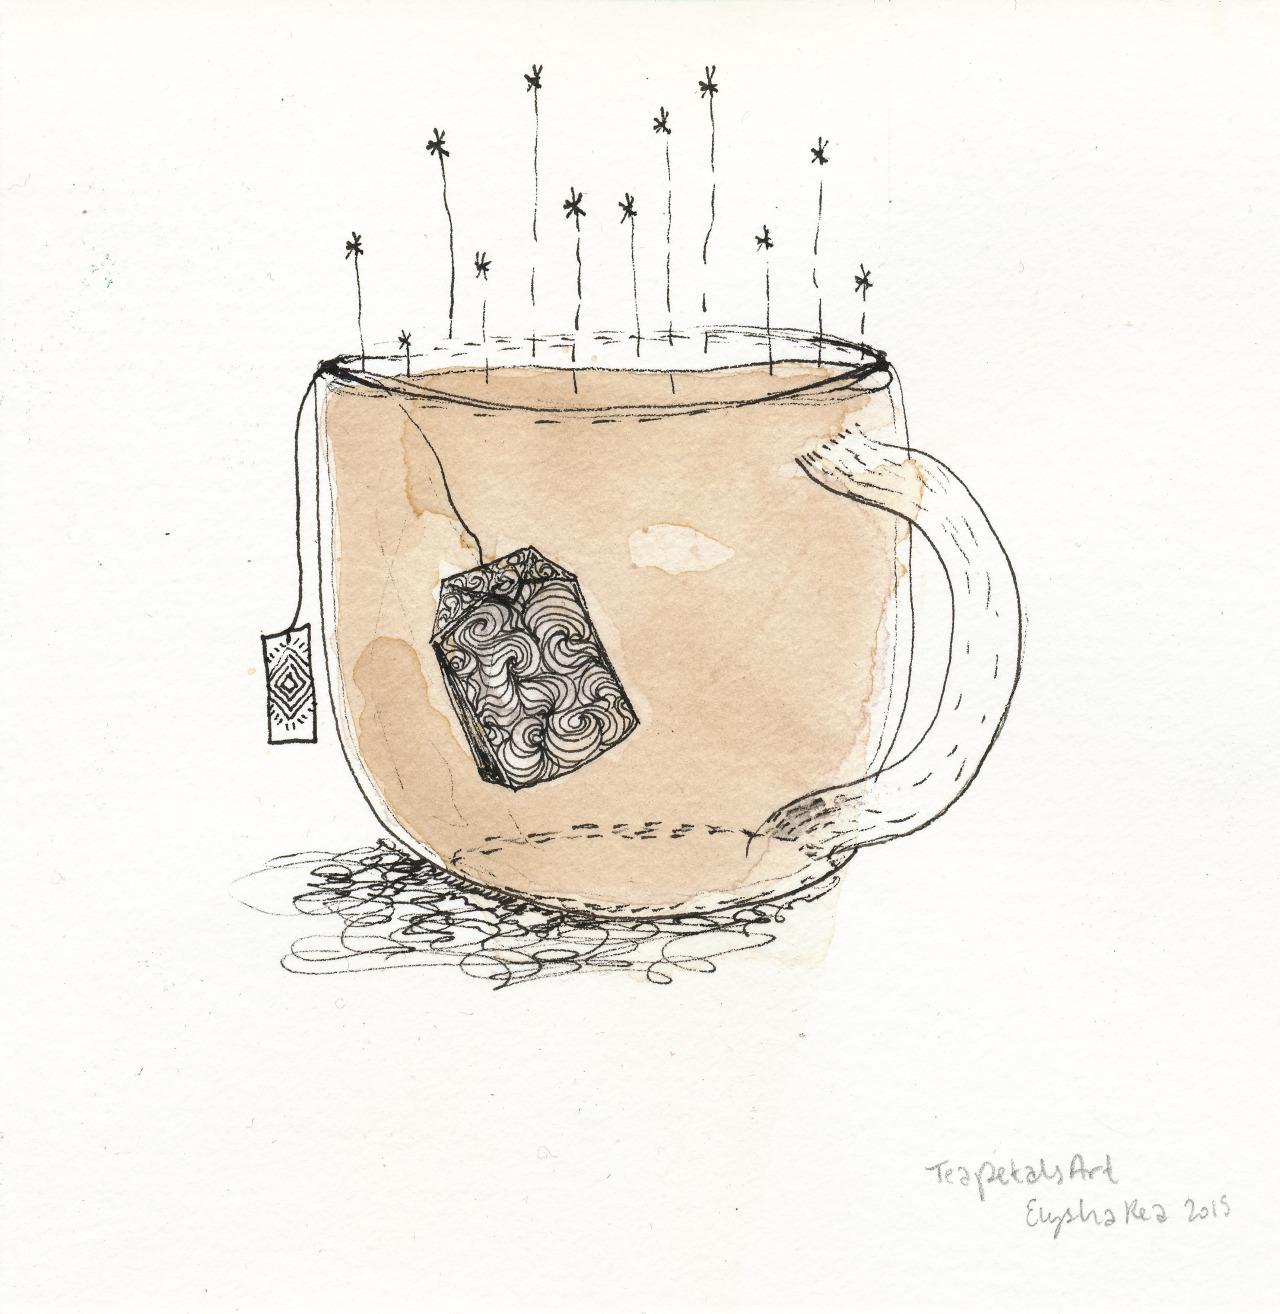 voyage en photo de thé 12